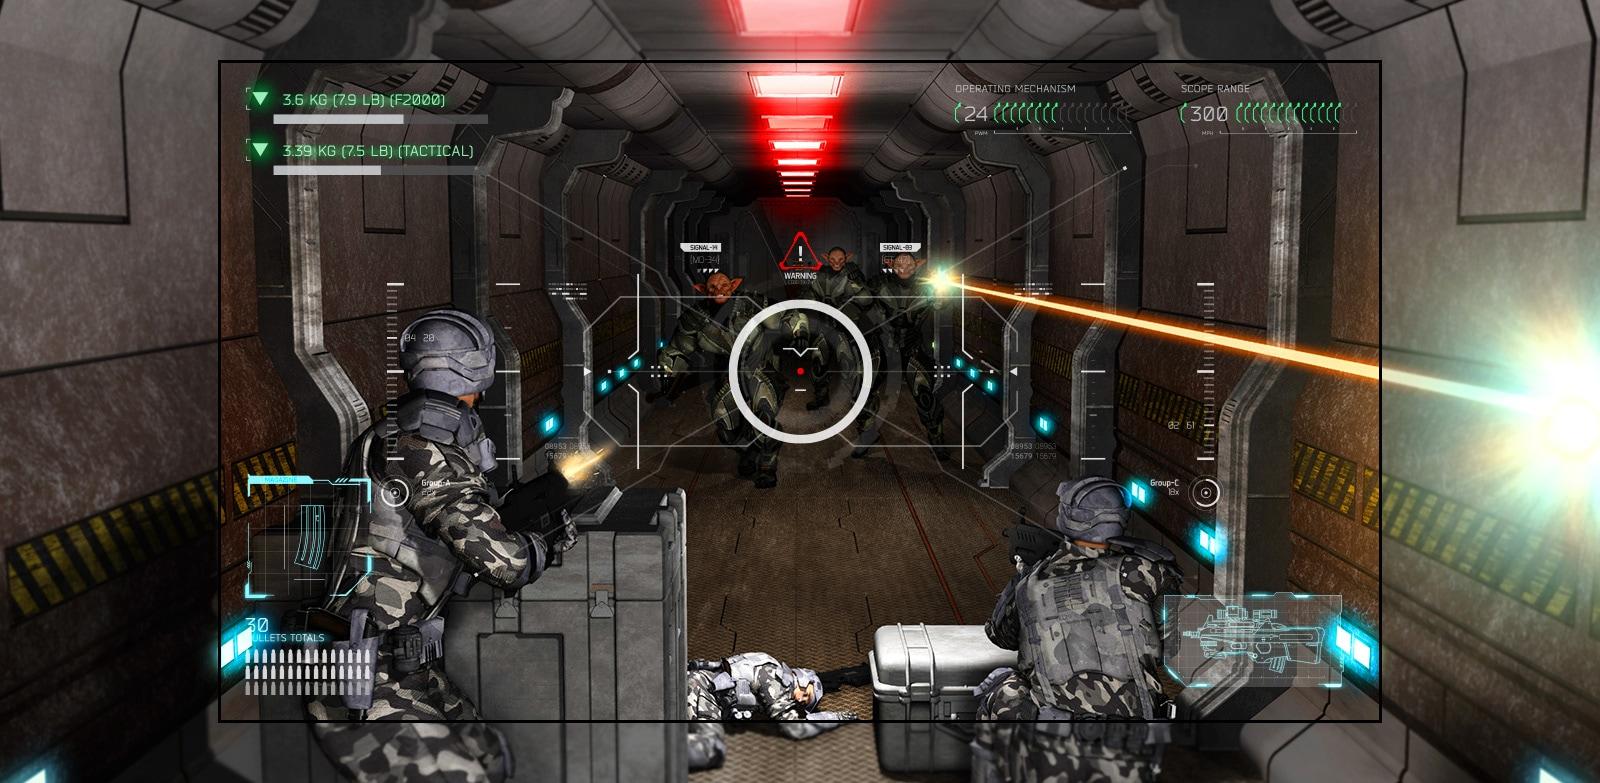 TV mostrando uma cena de jogo de tiro onde o jogador é dominado por alienígenas com armas.